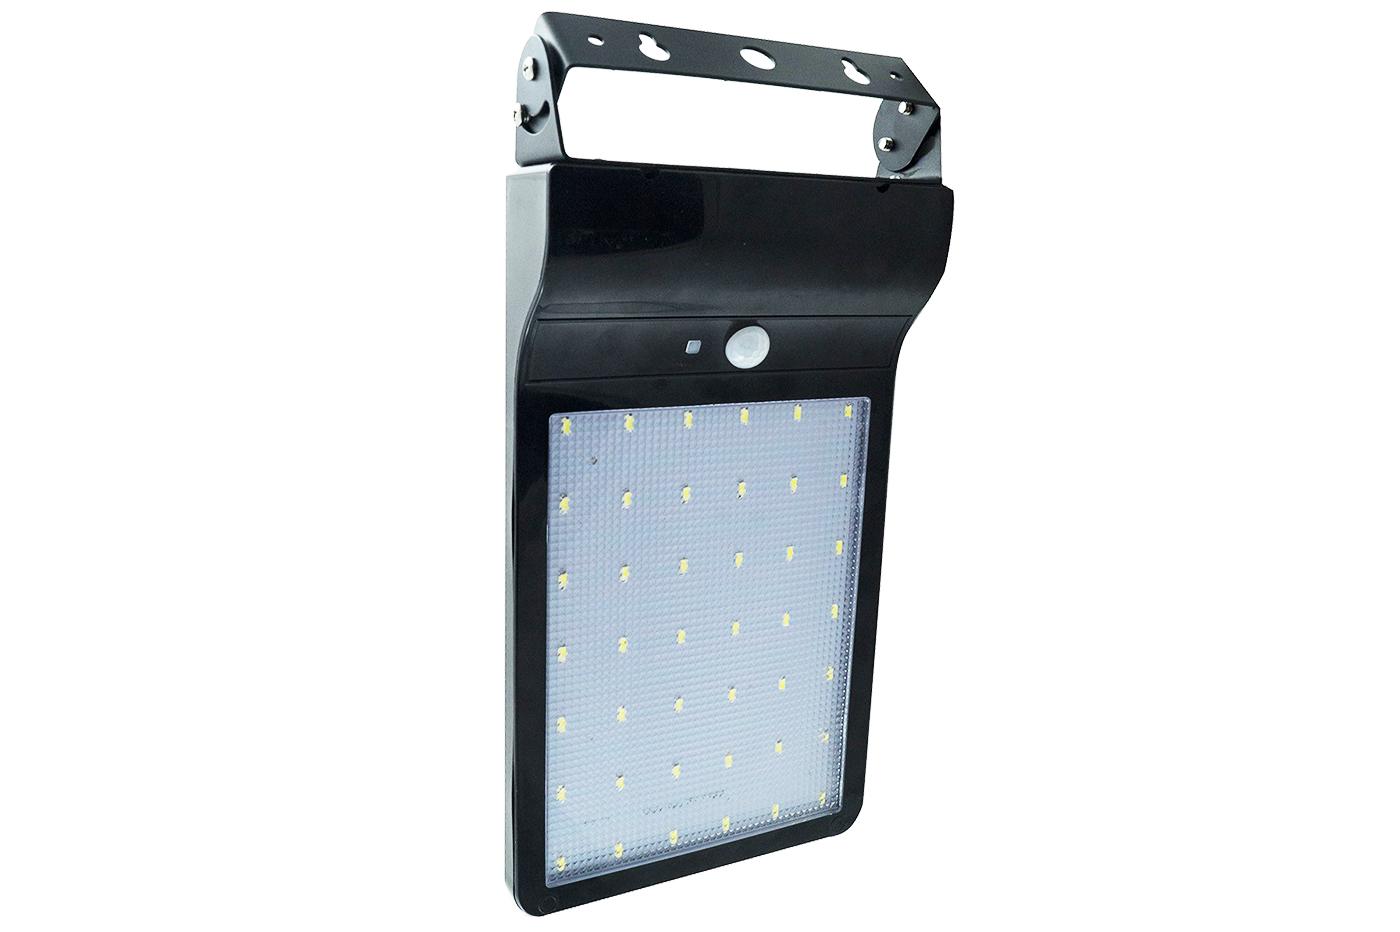 Pannello Solare Per Luce Scale : Bes illuminazione ad energia solare